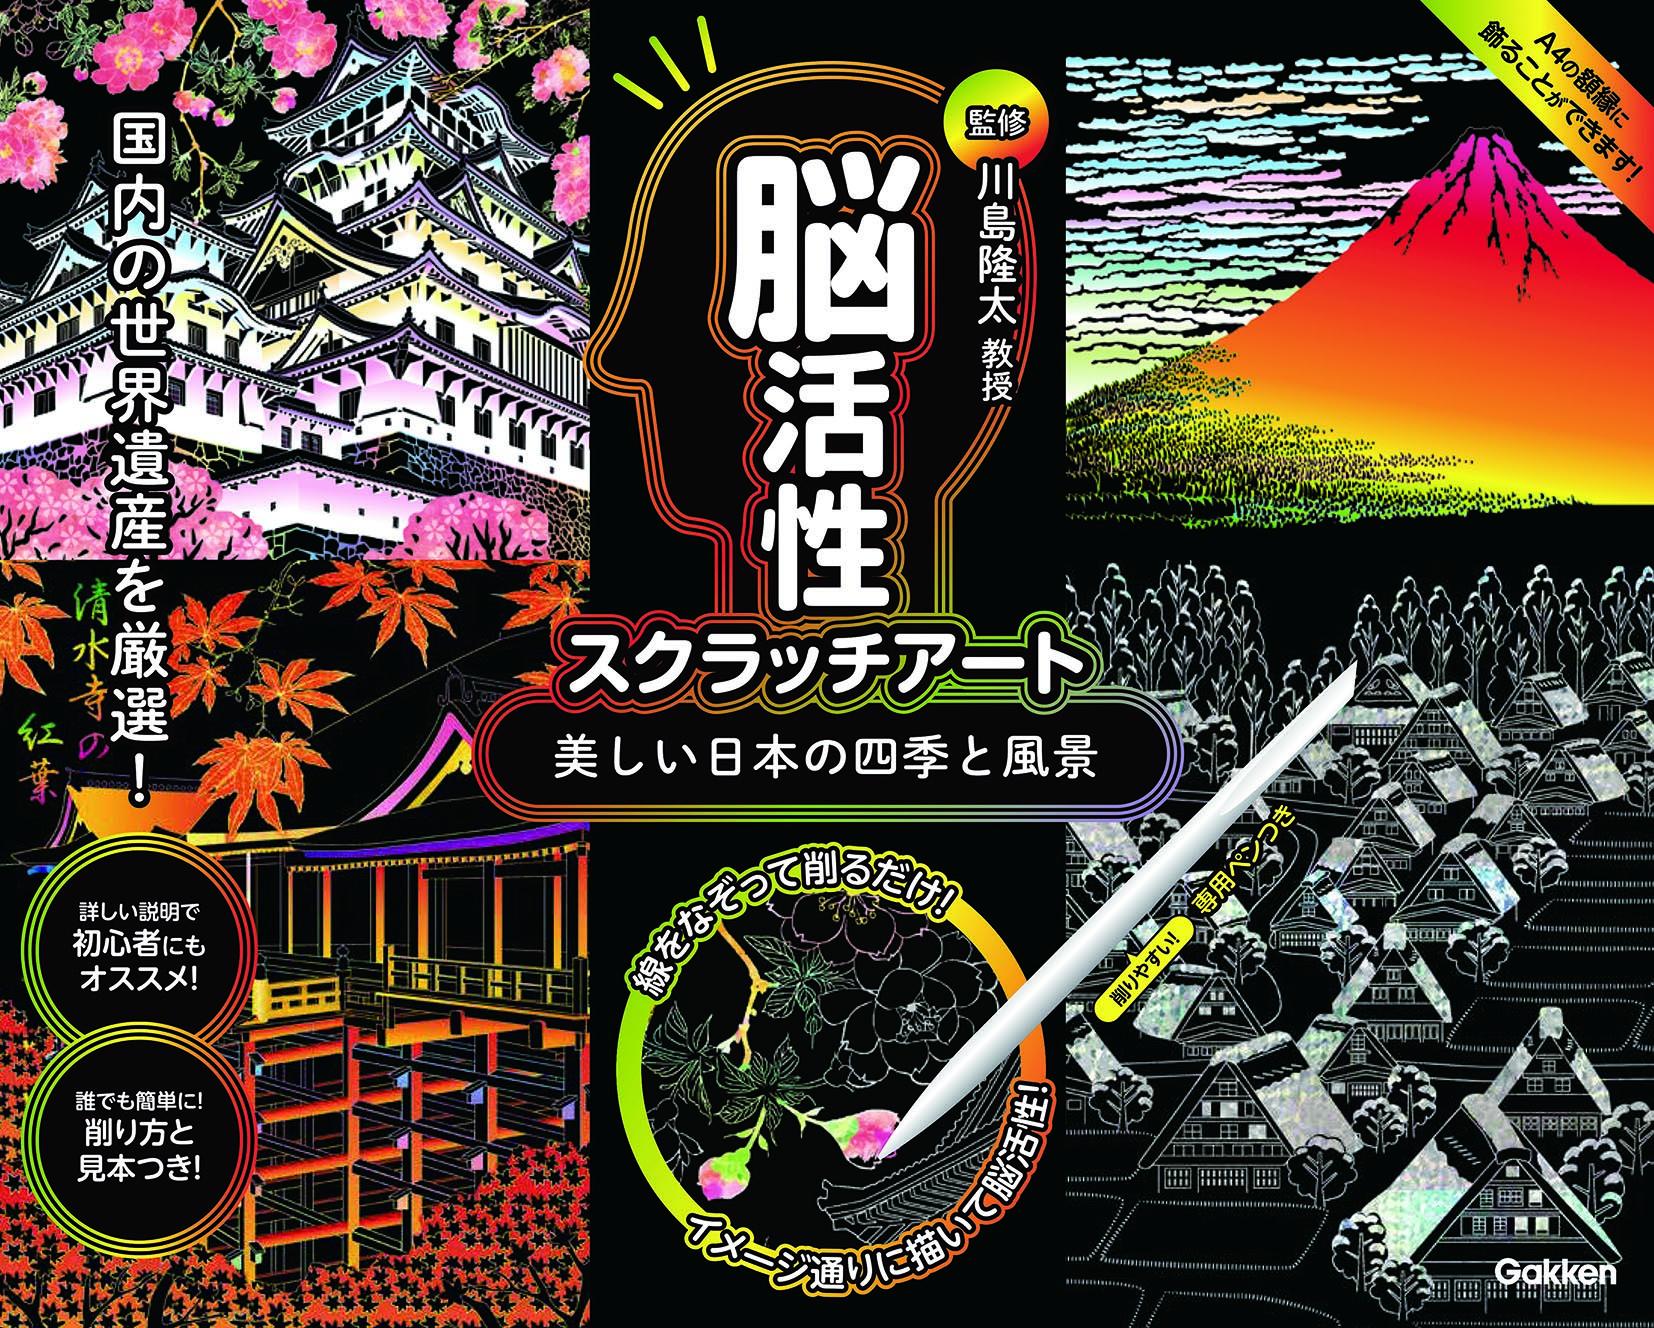 脳活性スクラッチアート 美しい日本の四季と風景